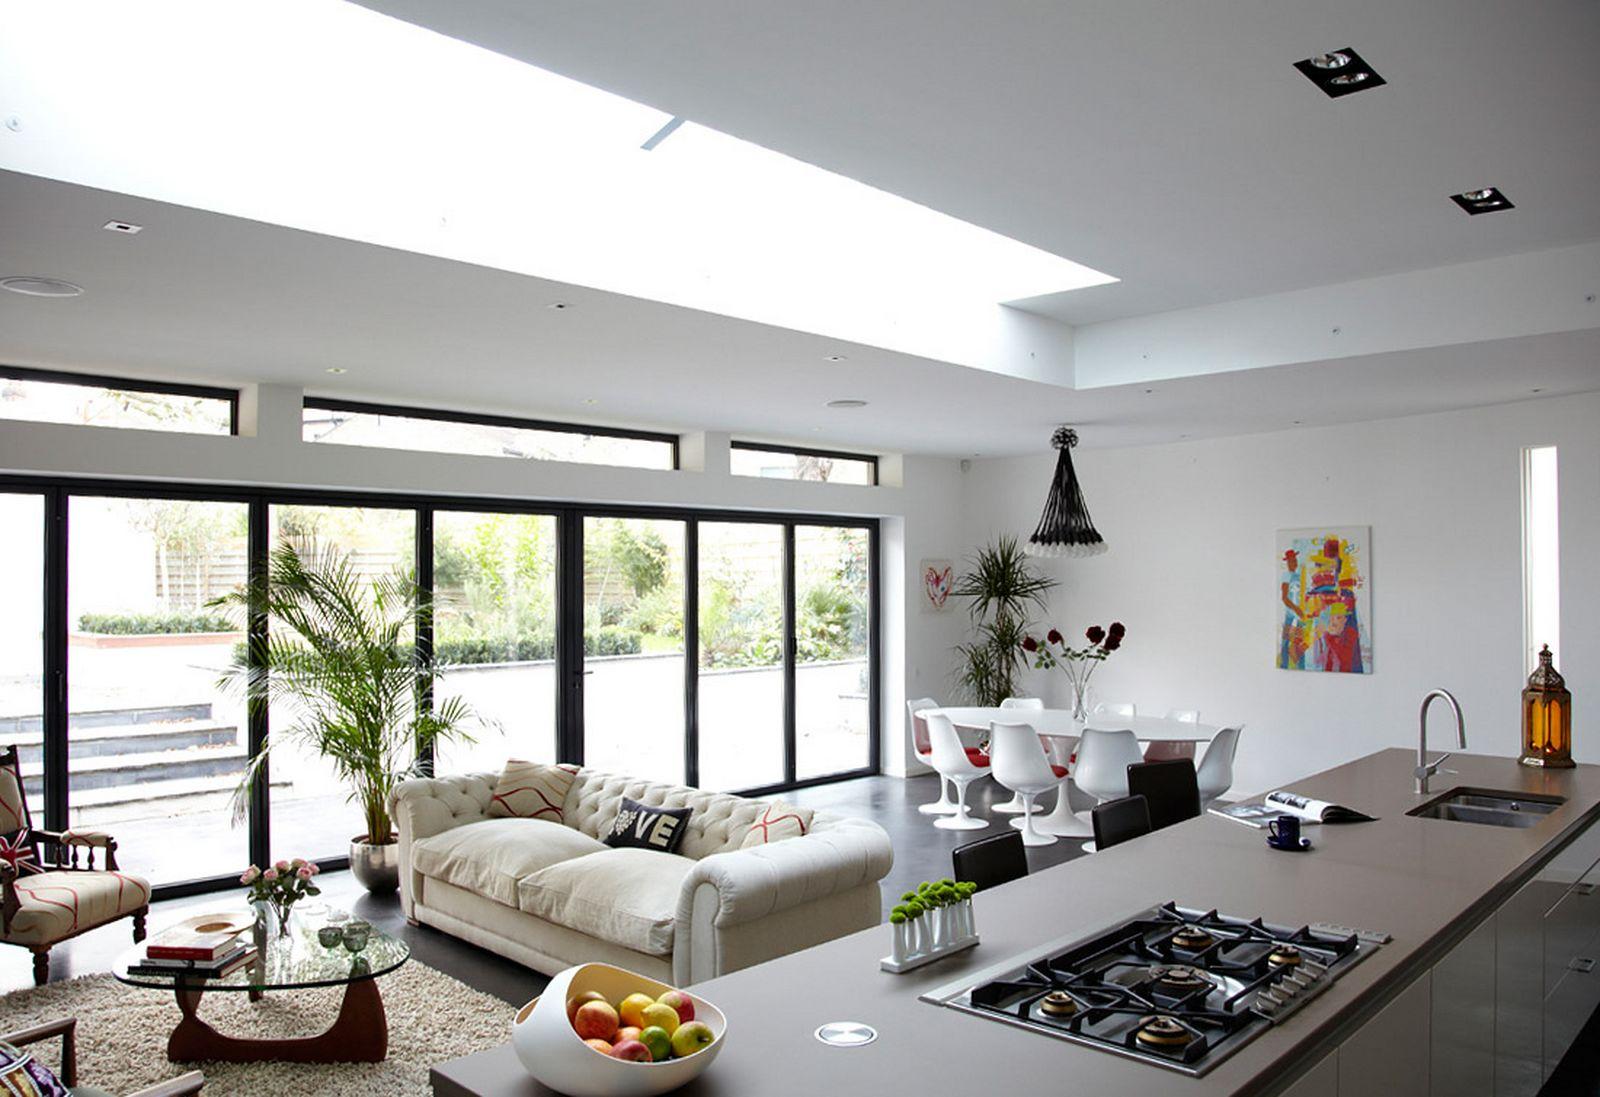 Дизайн кухни гостиной с панорамным окном